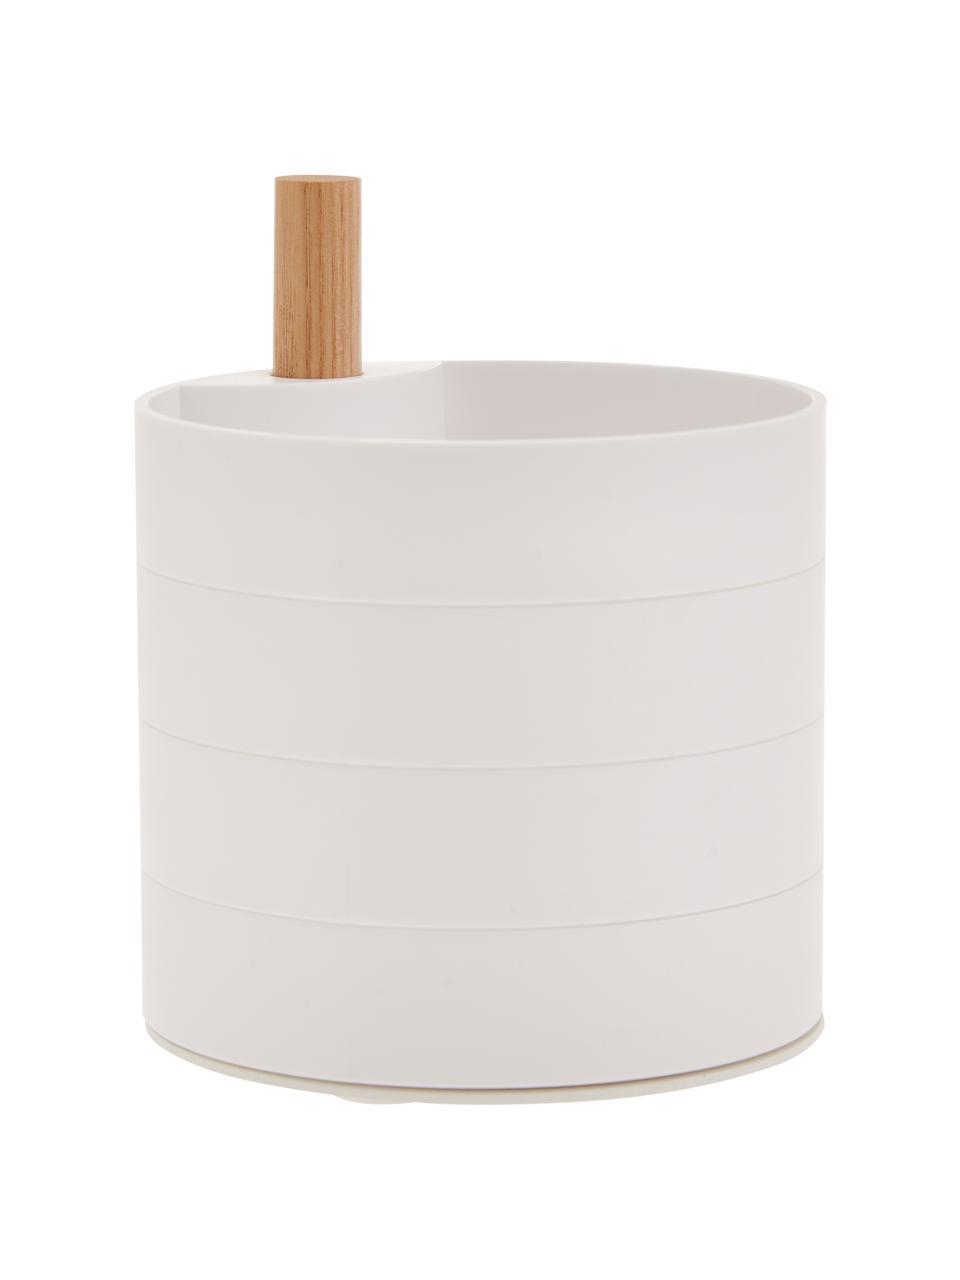 Schmuckdose Tosca, Stange: Holz, Weiß, Braun, 10 x 12 cm